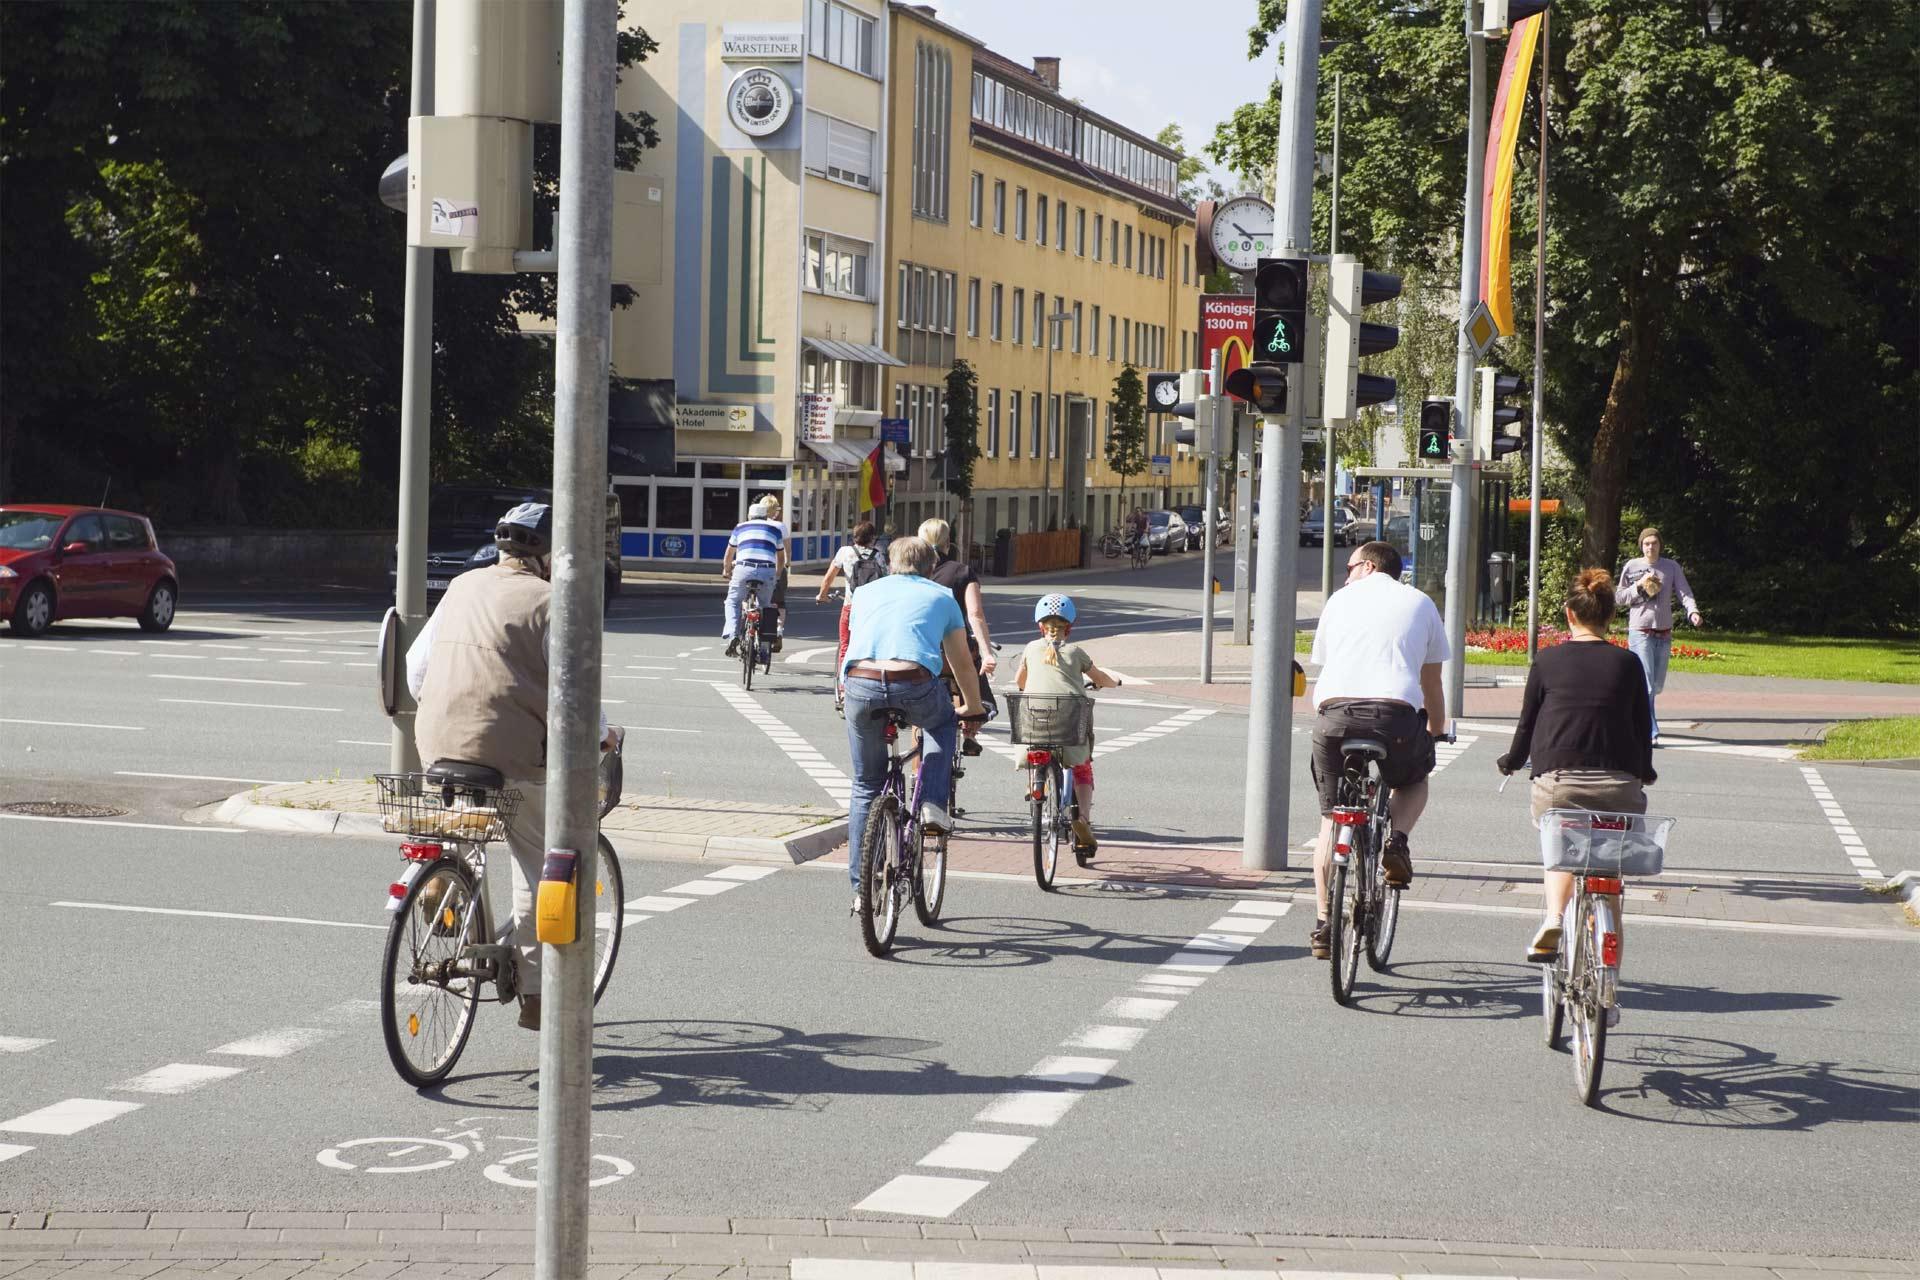 El objetivo es impulsar el uso de las bicicletas como un medio de transporte